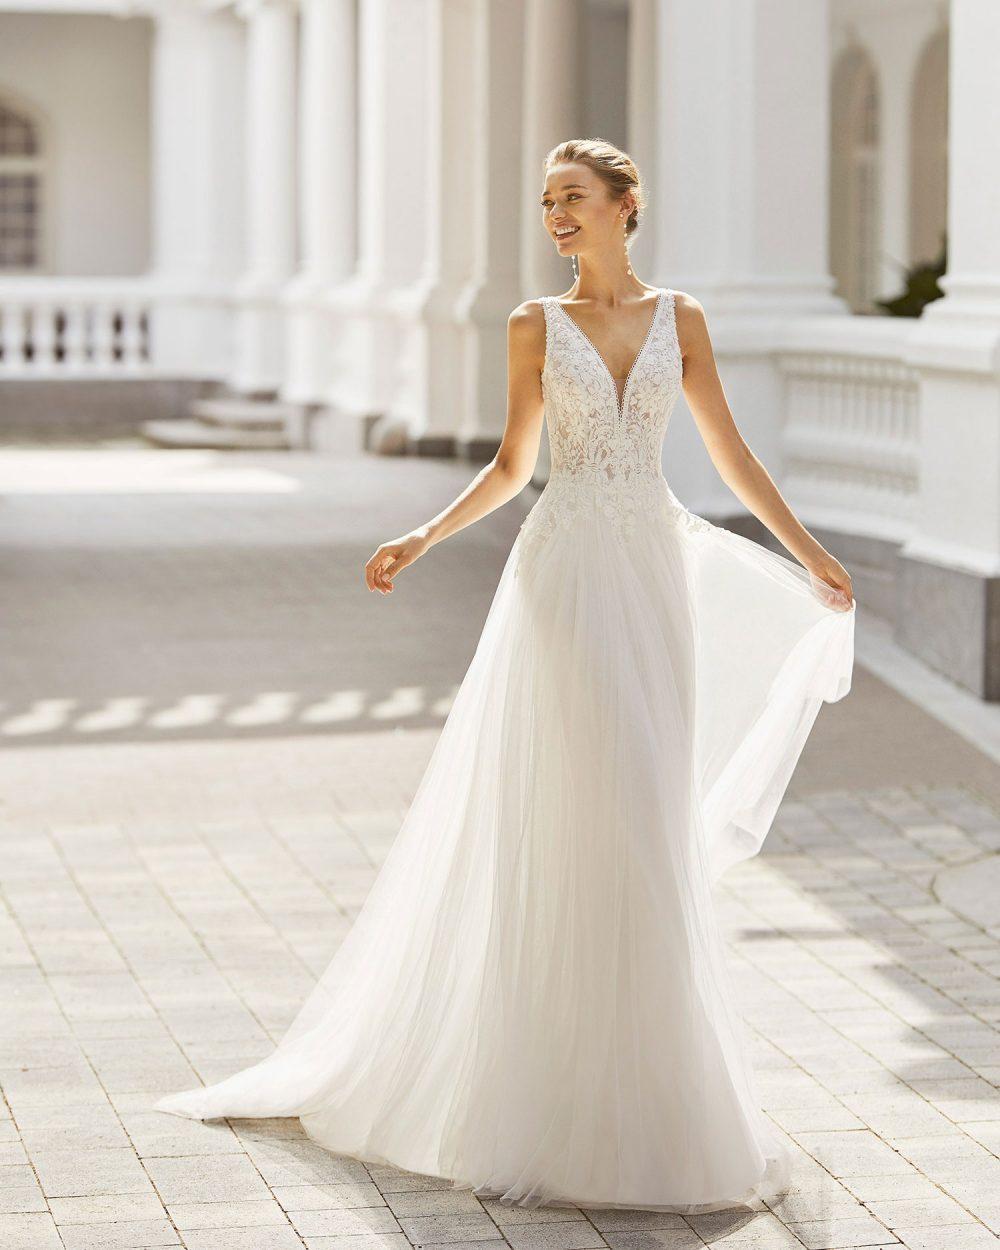 Rosa Clarà 2022 abito vestito sposa Vicenza SARONY